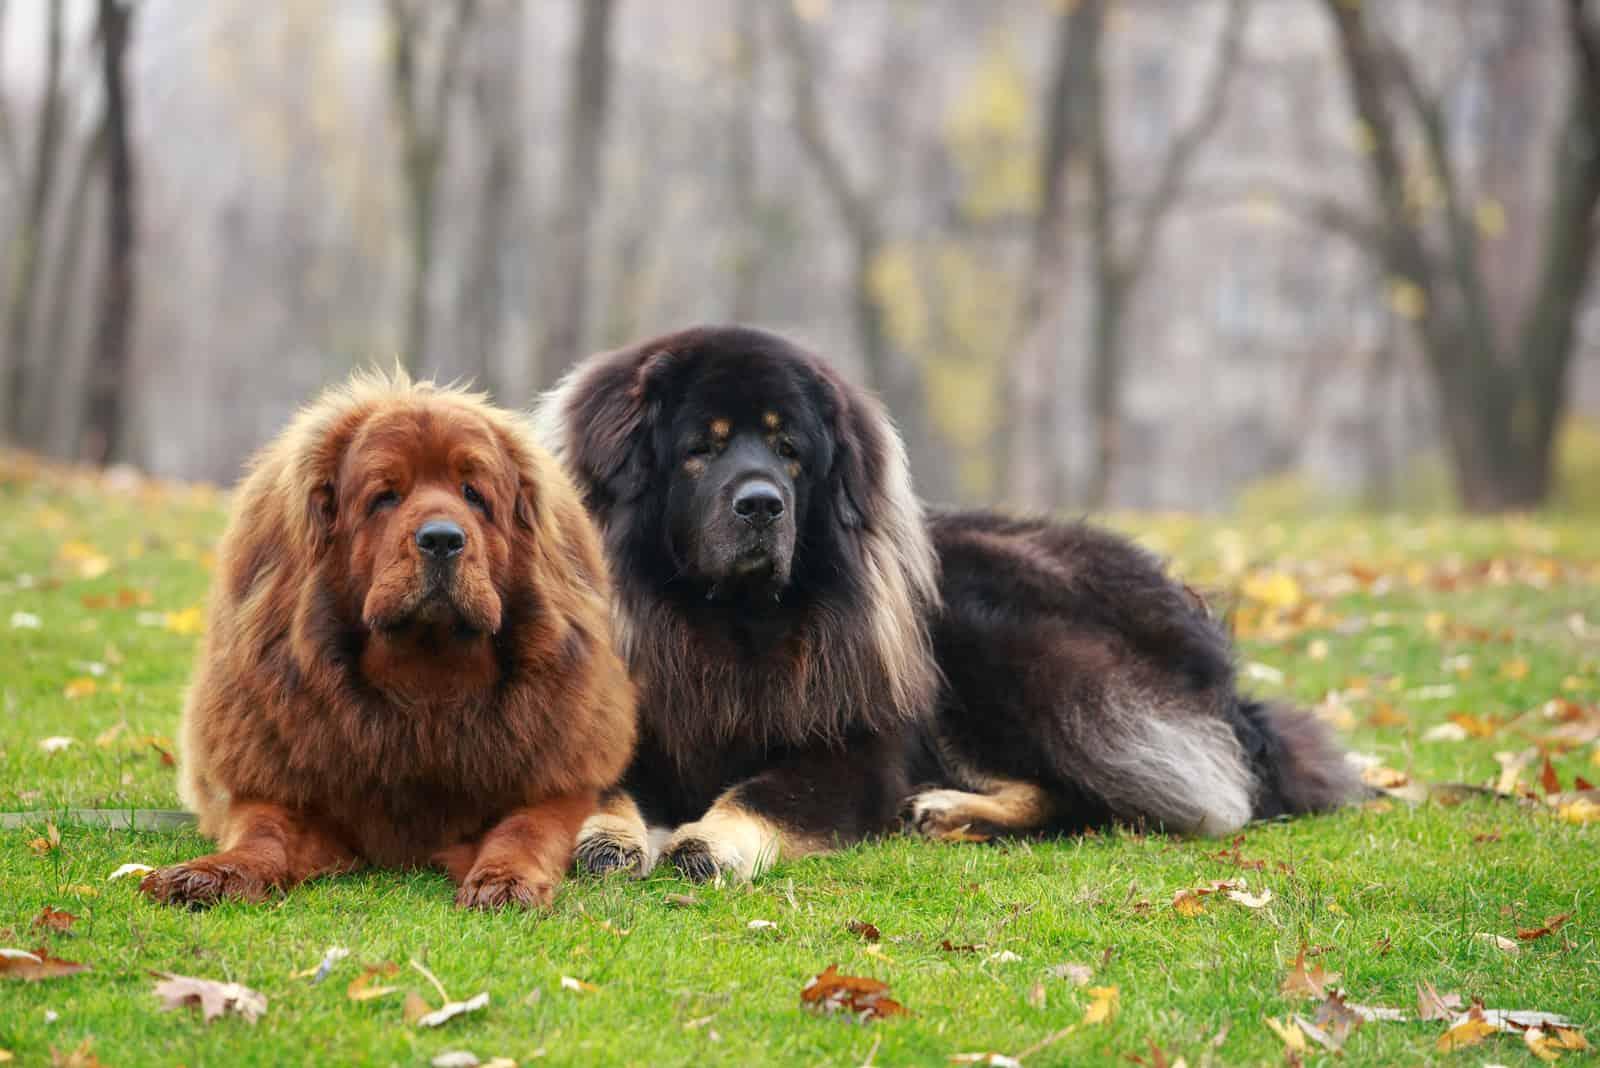 Zwei Hunde züchten tibetischen Mastiff auf dem Gras